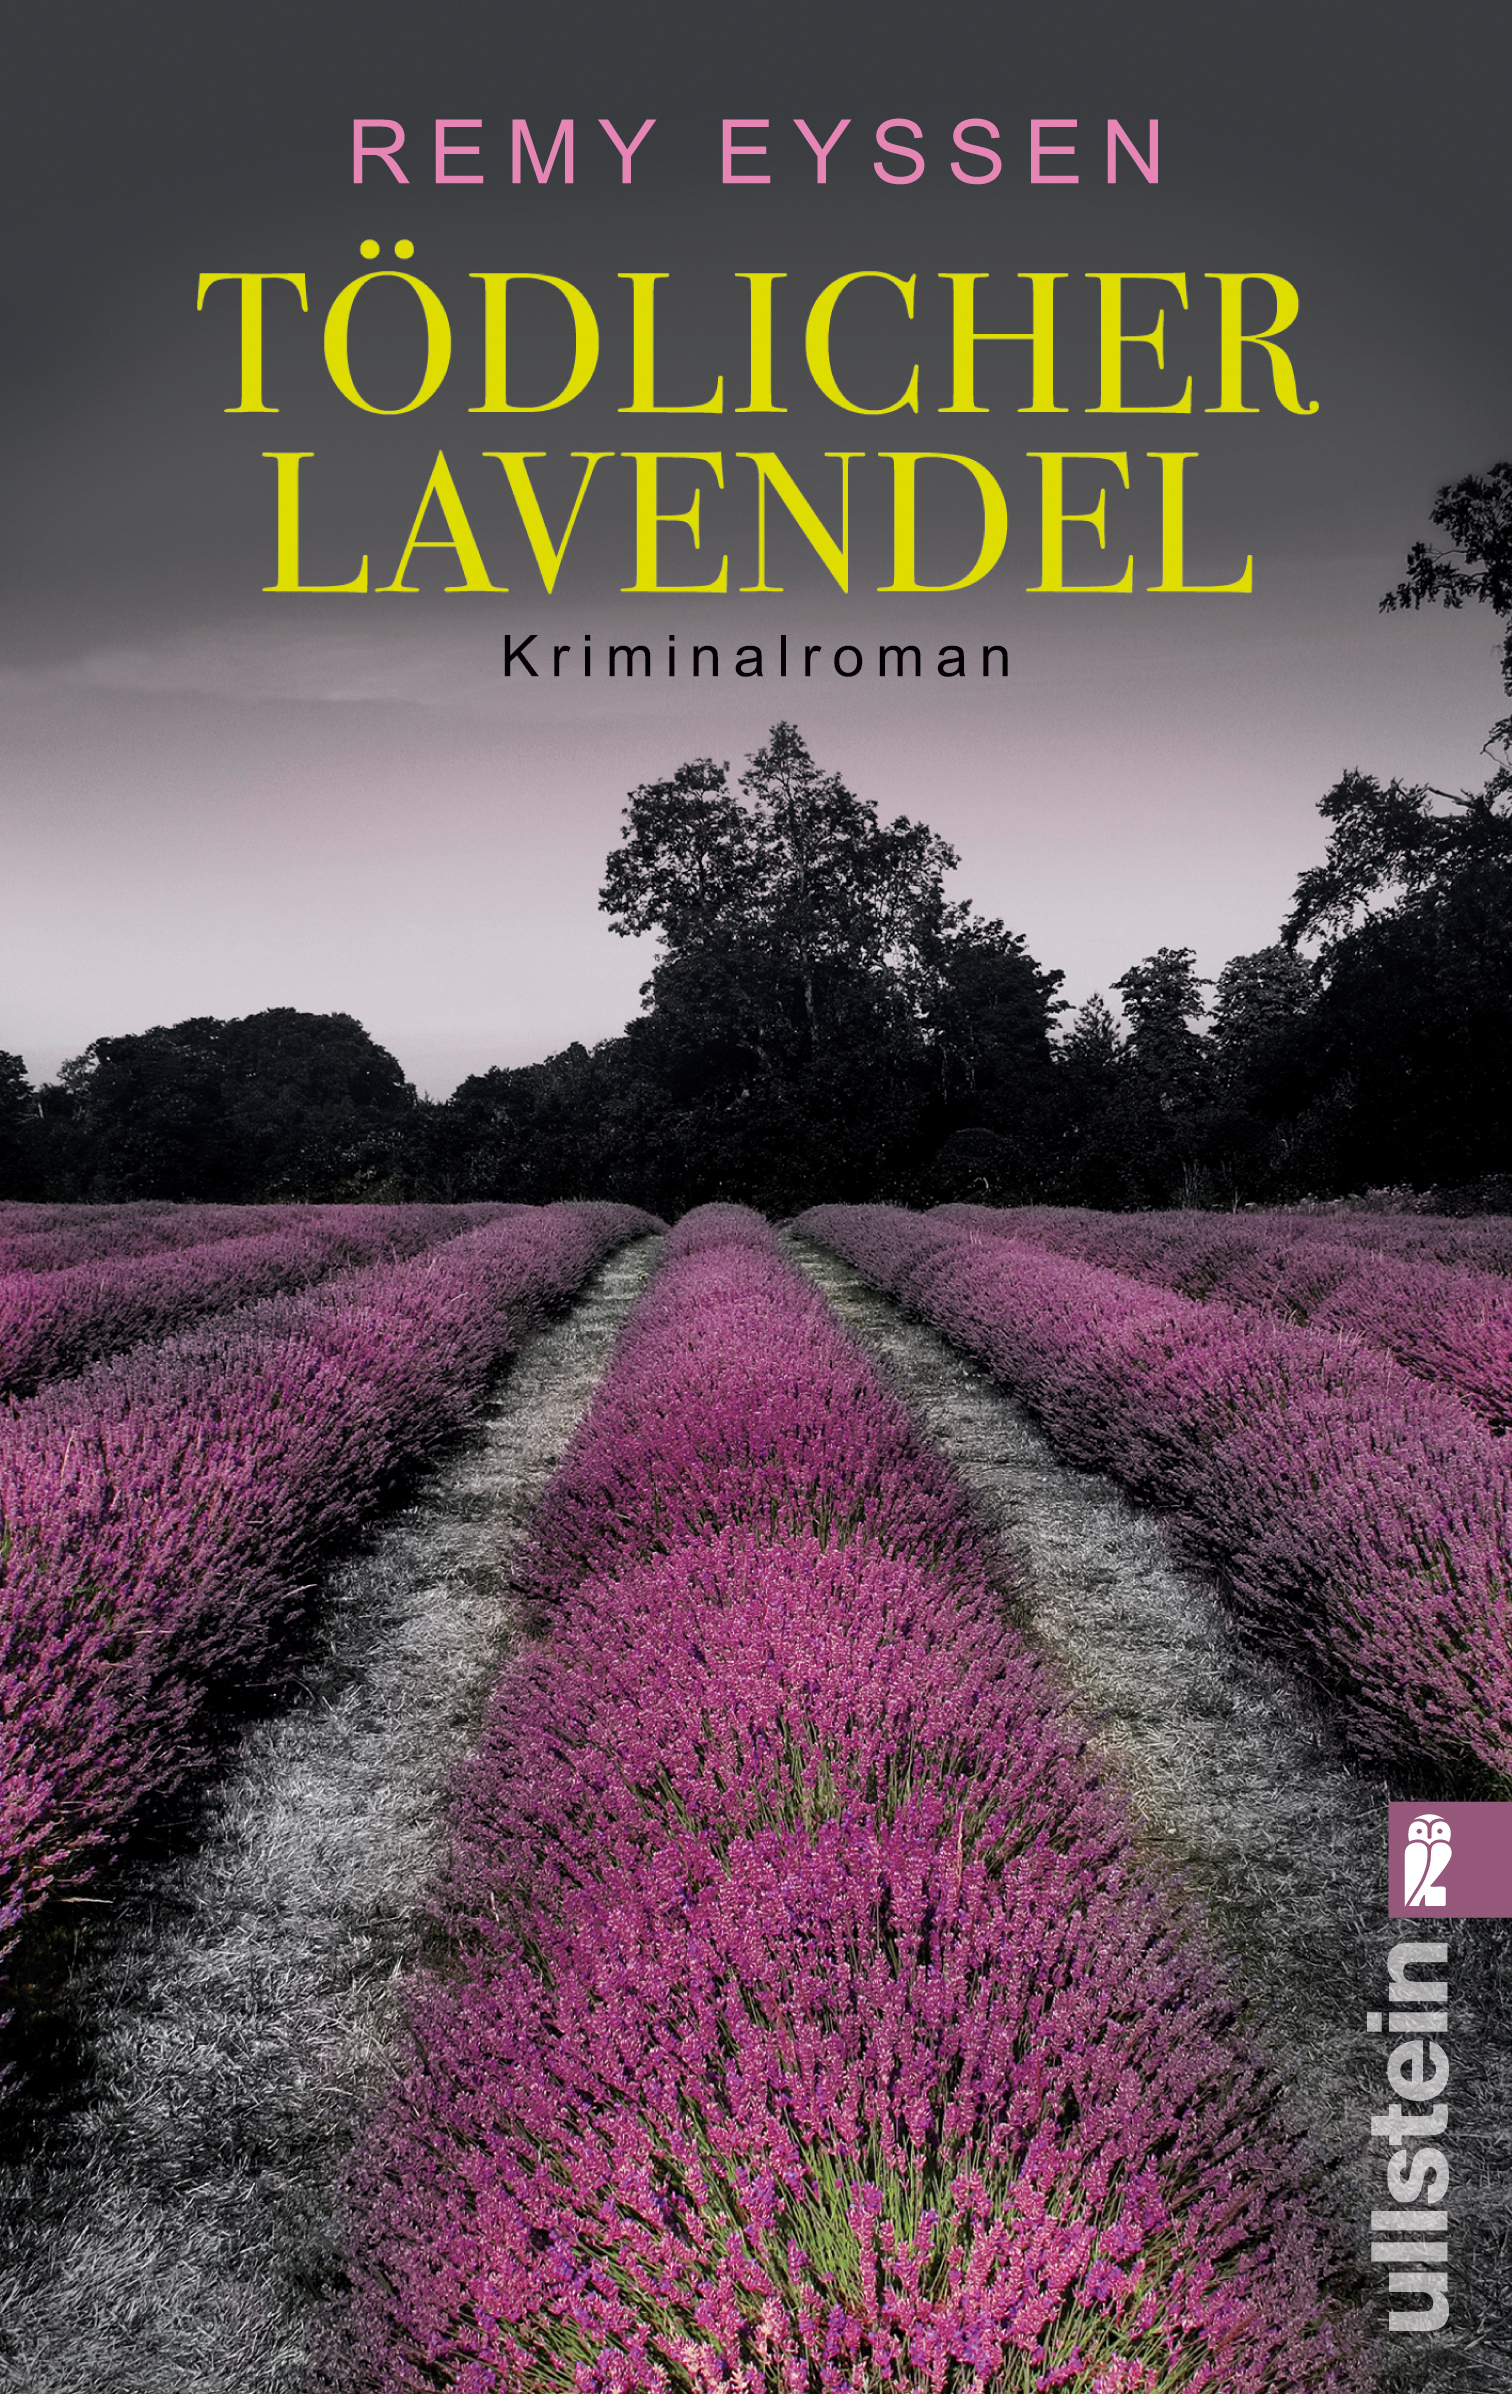 Tödlicher Lavendel - Remy Eyssen